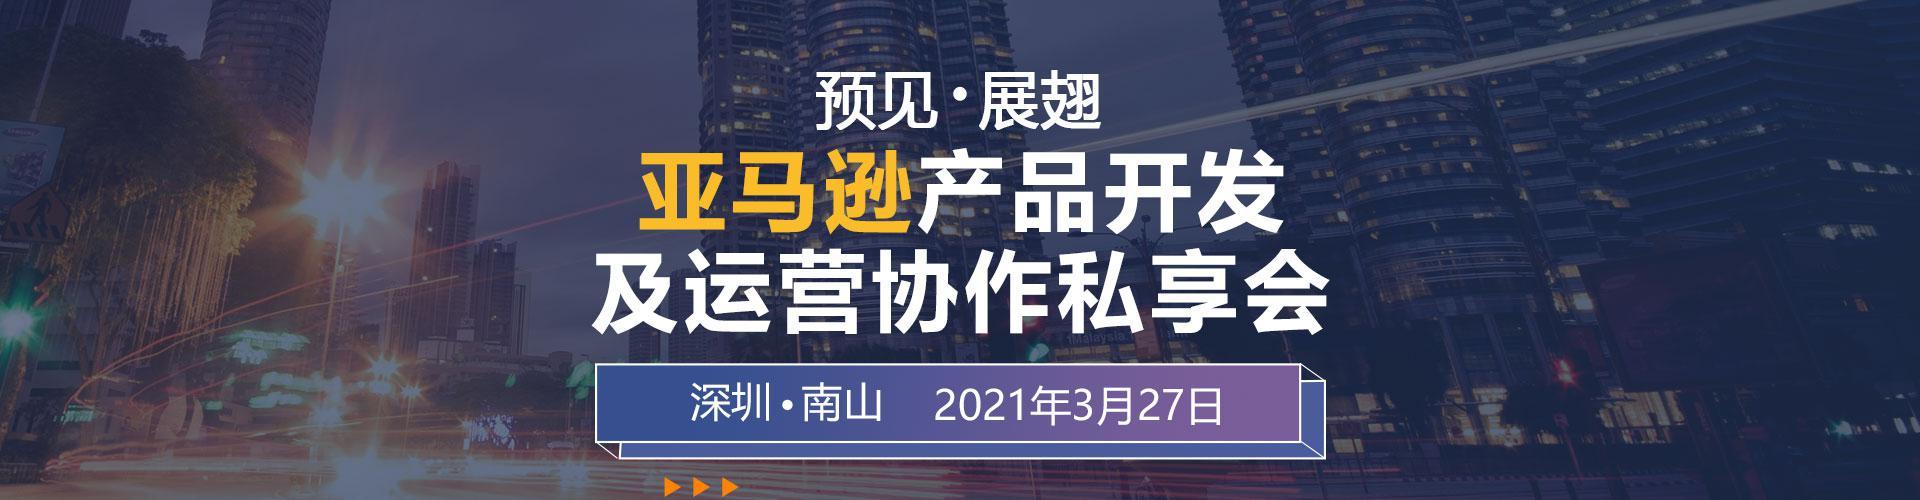 【3月27日】亚马逊产品开发及运营协作私享会